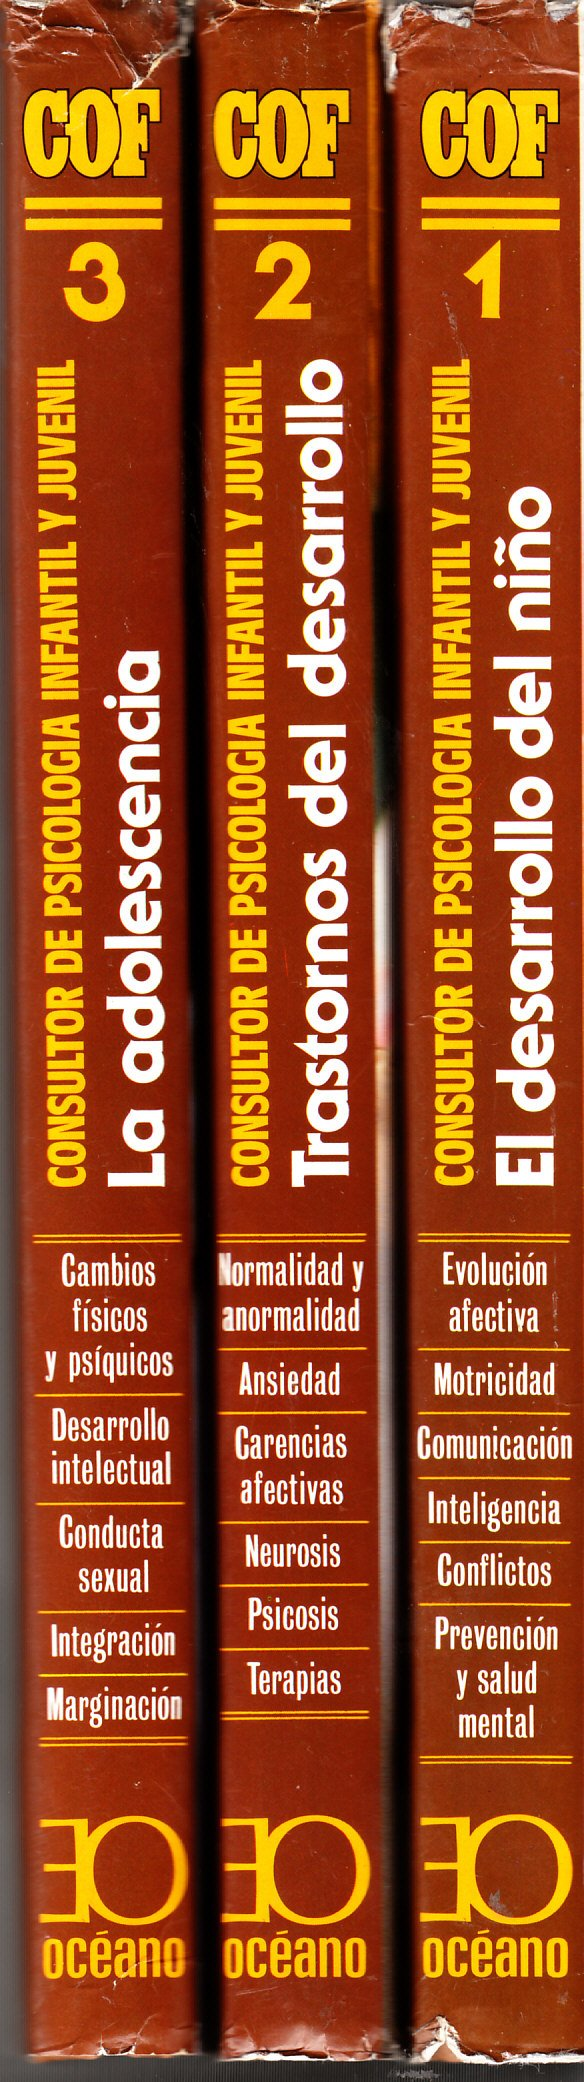 Consultoría de Psicología Infantil y Juvenil (Volume 1: El Desarrolo del niño. Volume 2: Trastorno del Desarrollo. Volume 3: La Adolescencia)): Various ...